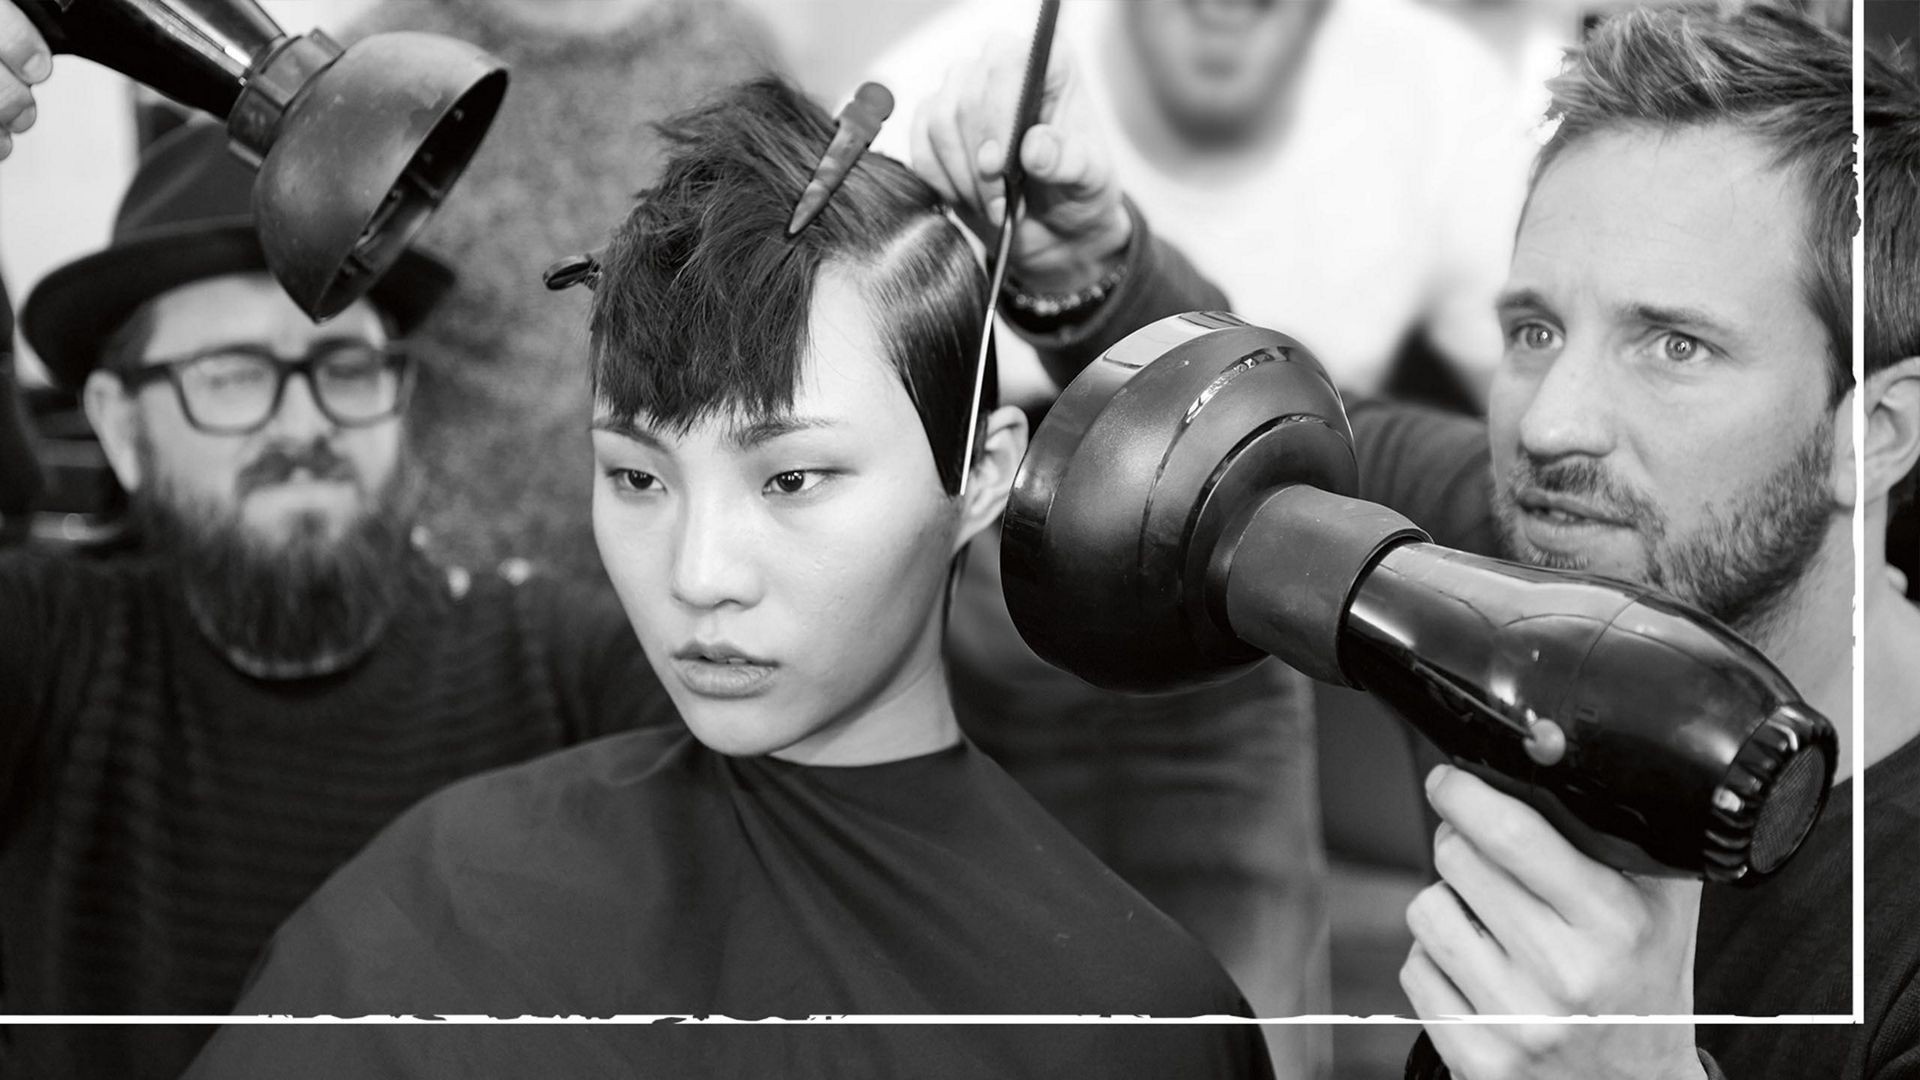 những mẫu tóc được truyền cảm hứng từ phong cách toàn cầu